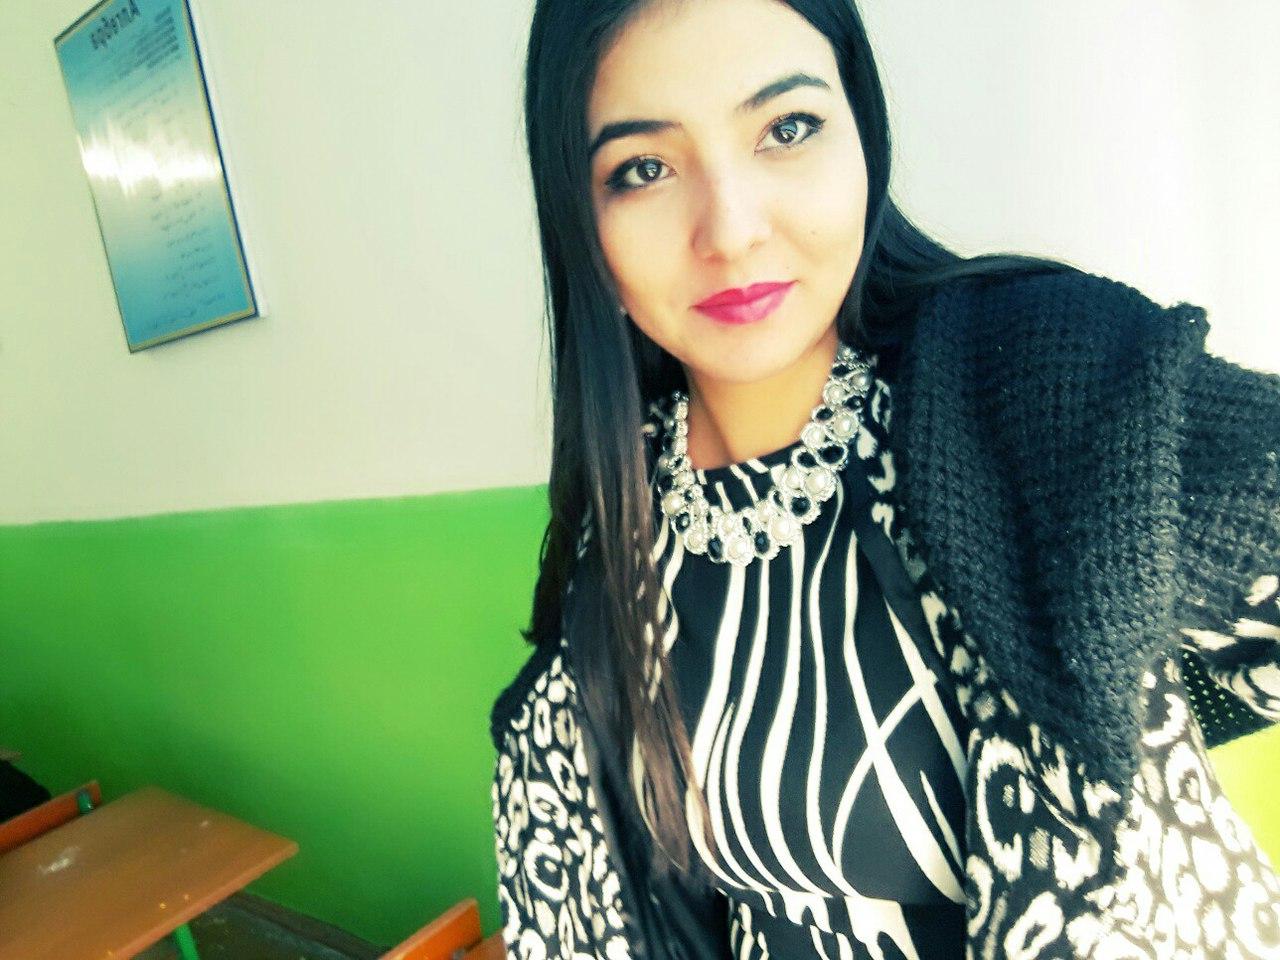 Секс узбечек ташкент, Узбекский секс видео молодой красавицы из Ташкента 18 фотография